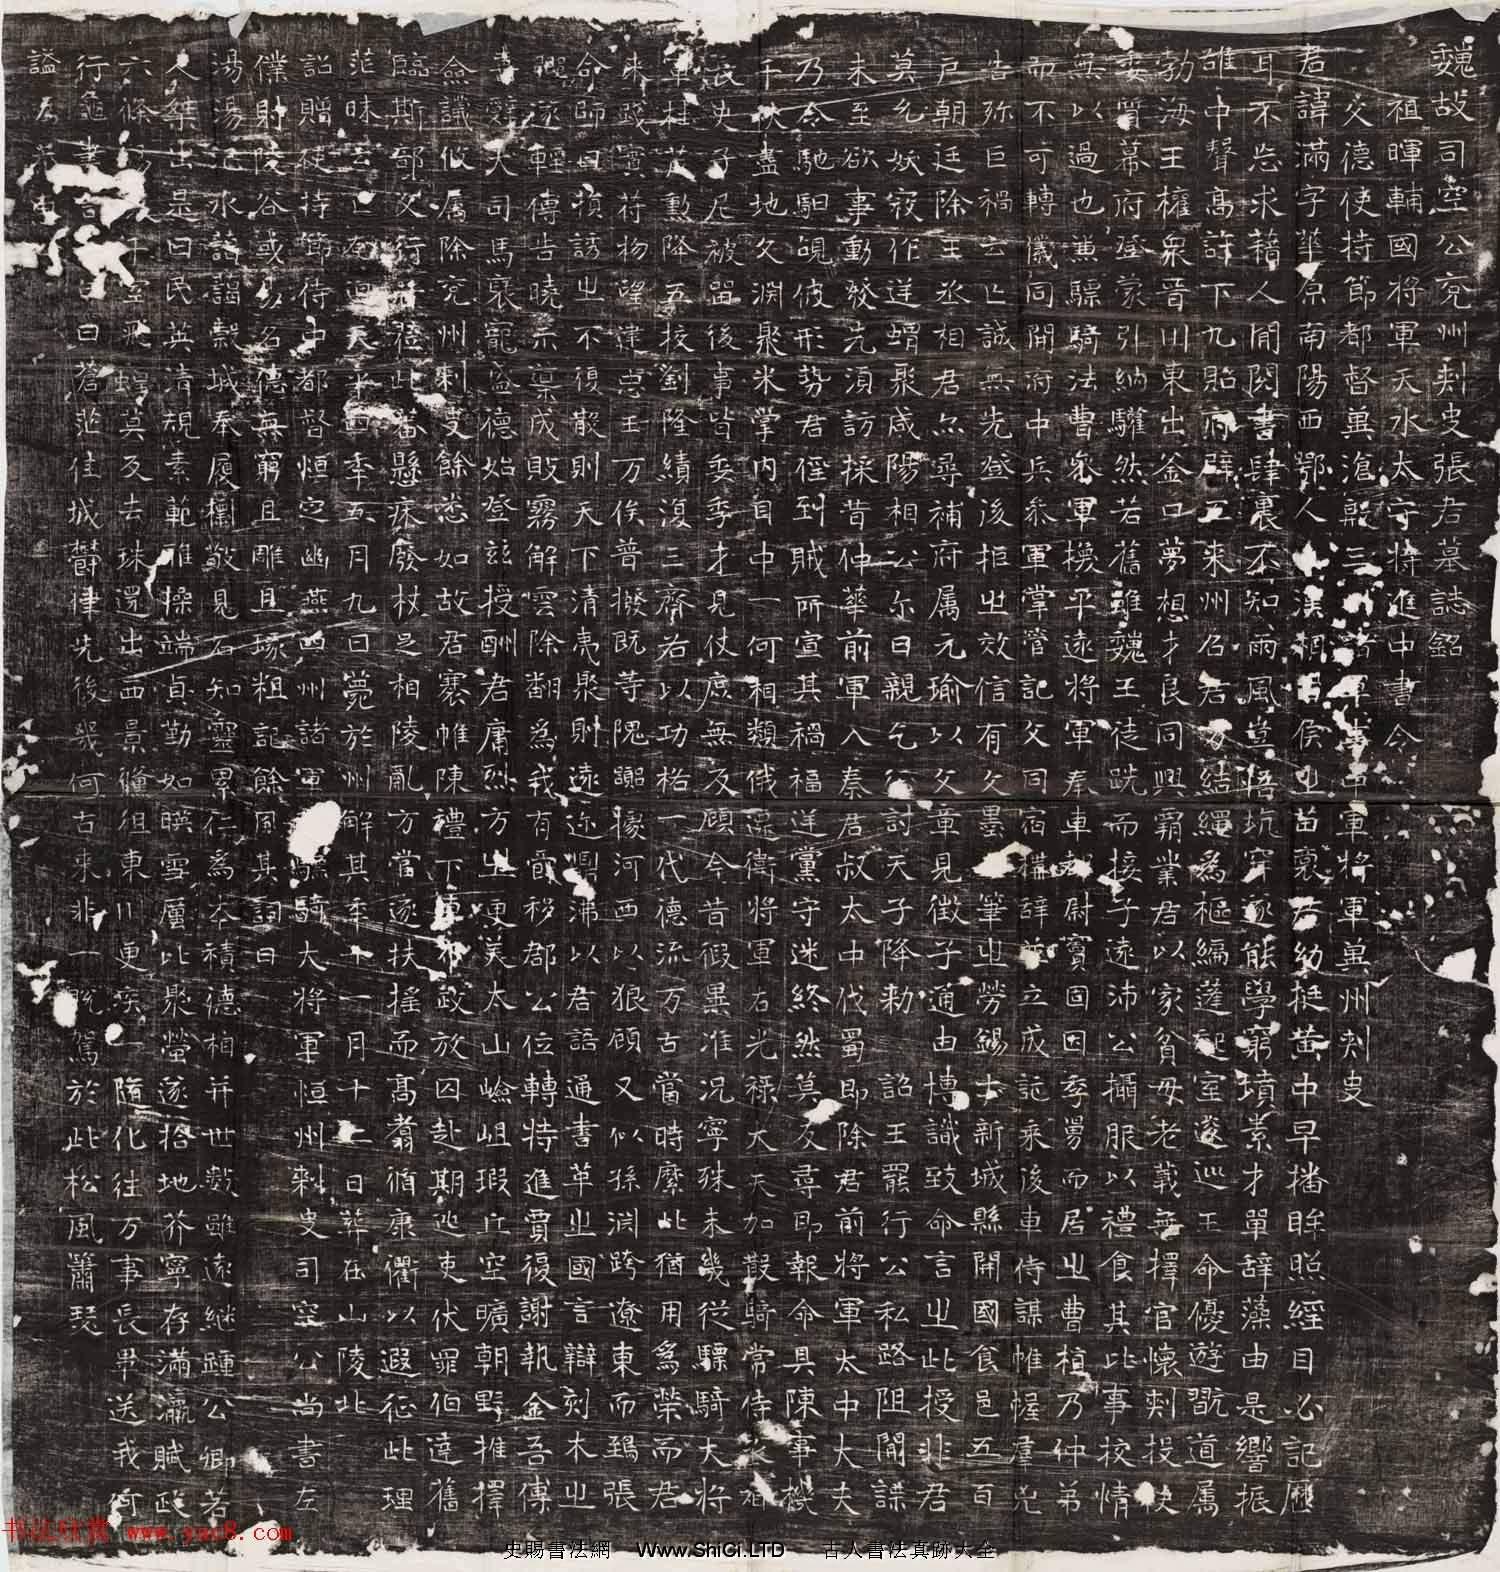 東魏正書石刻《張滿墓誌》民國拓本(共3張圖片)